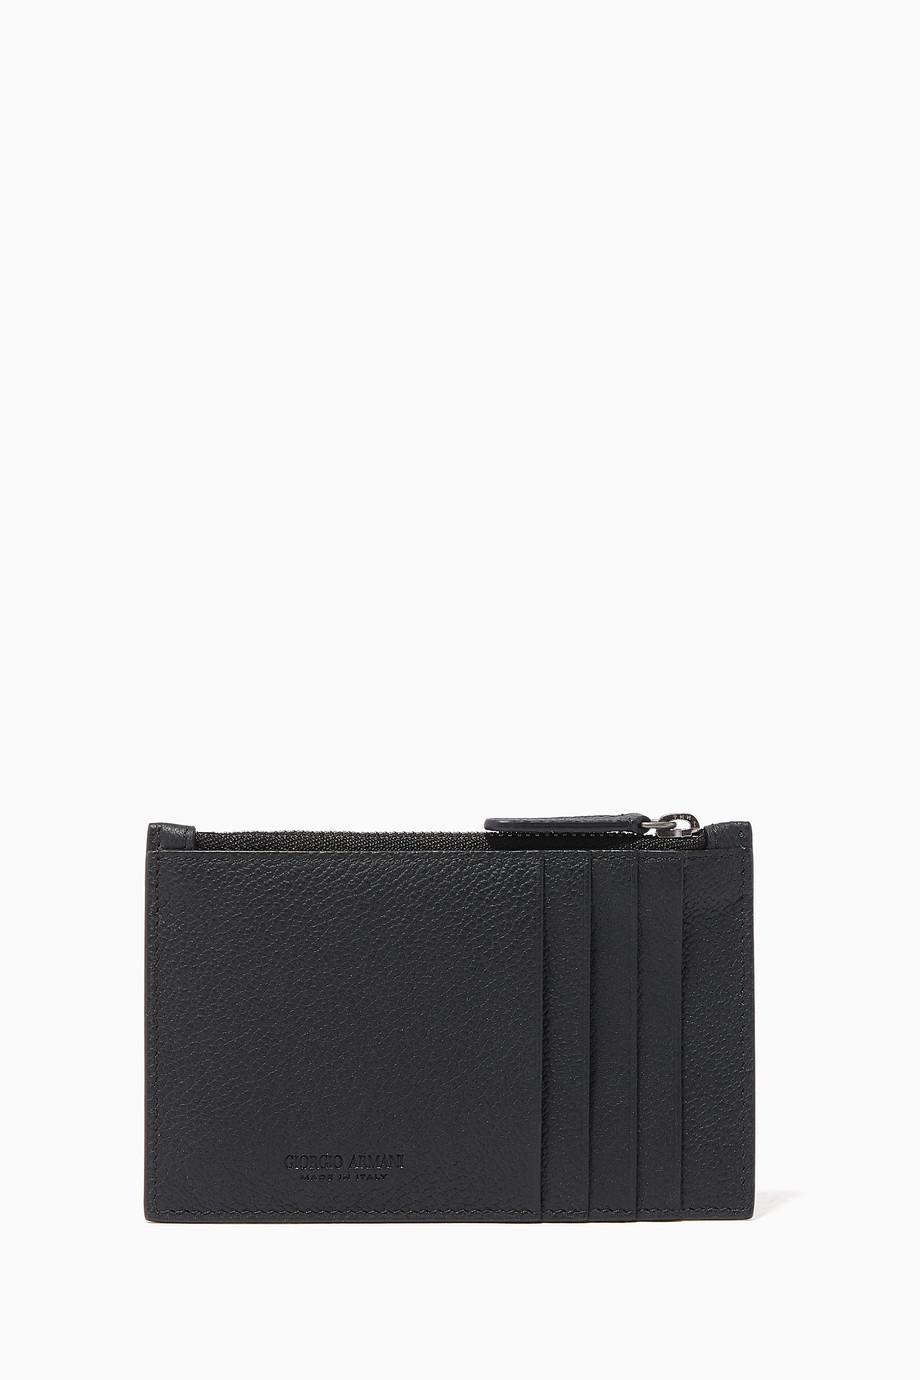 38e1e47f8f Shop Giorgio Armani Black Grained Leather Cardholder for Men ...